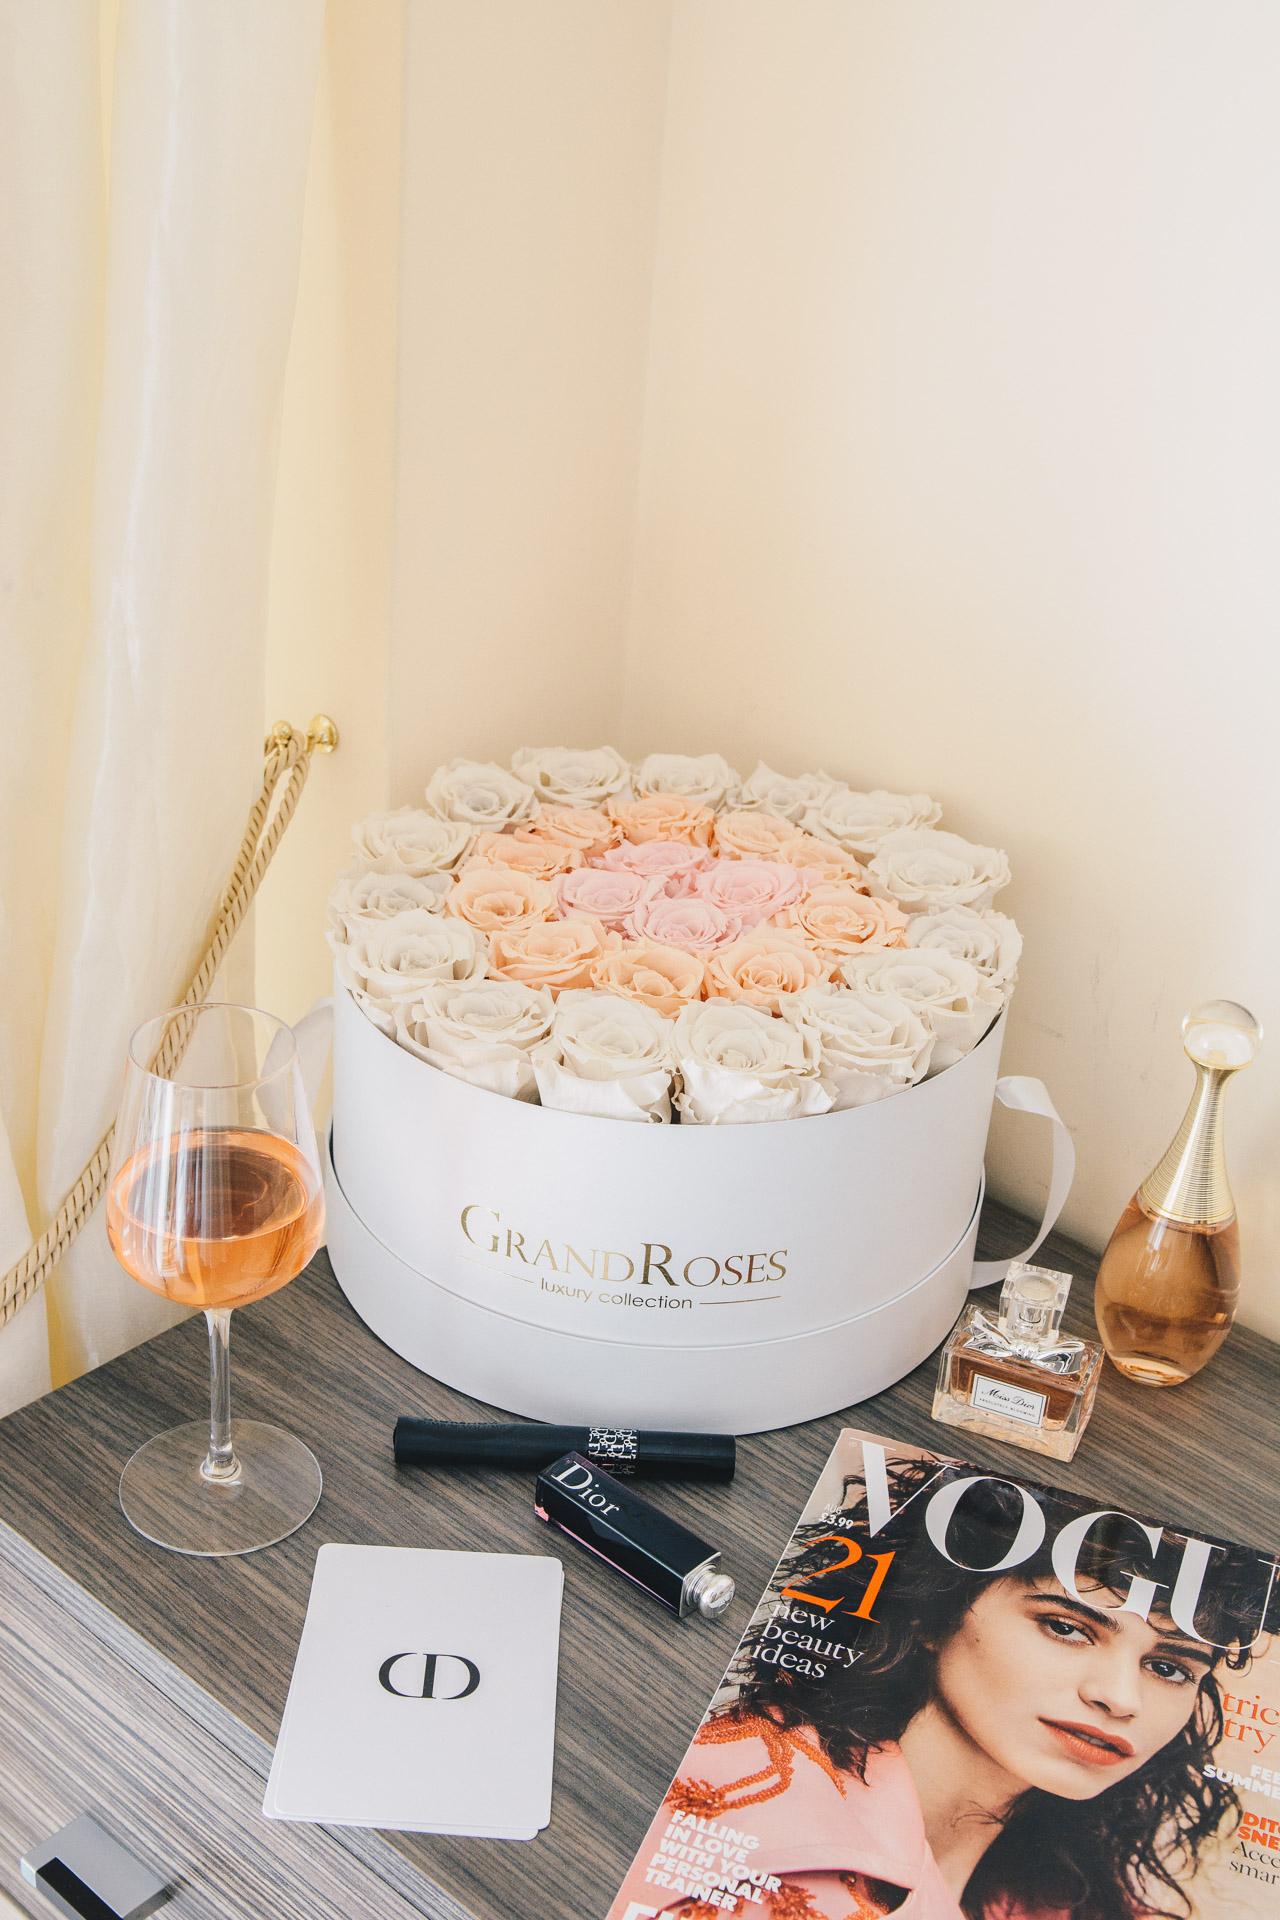 Dior Makeup British Vogue Grand Roses